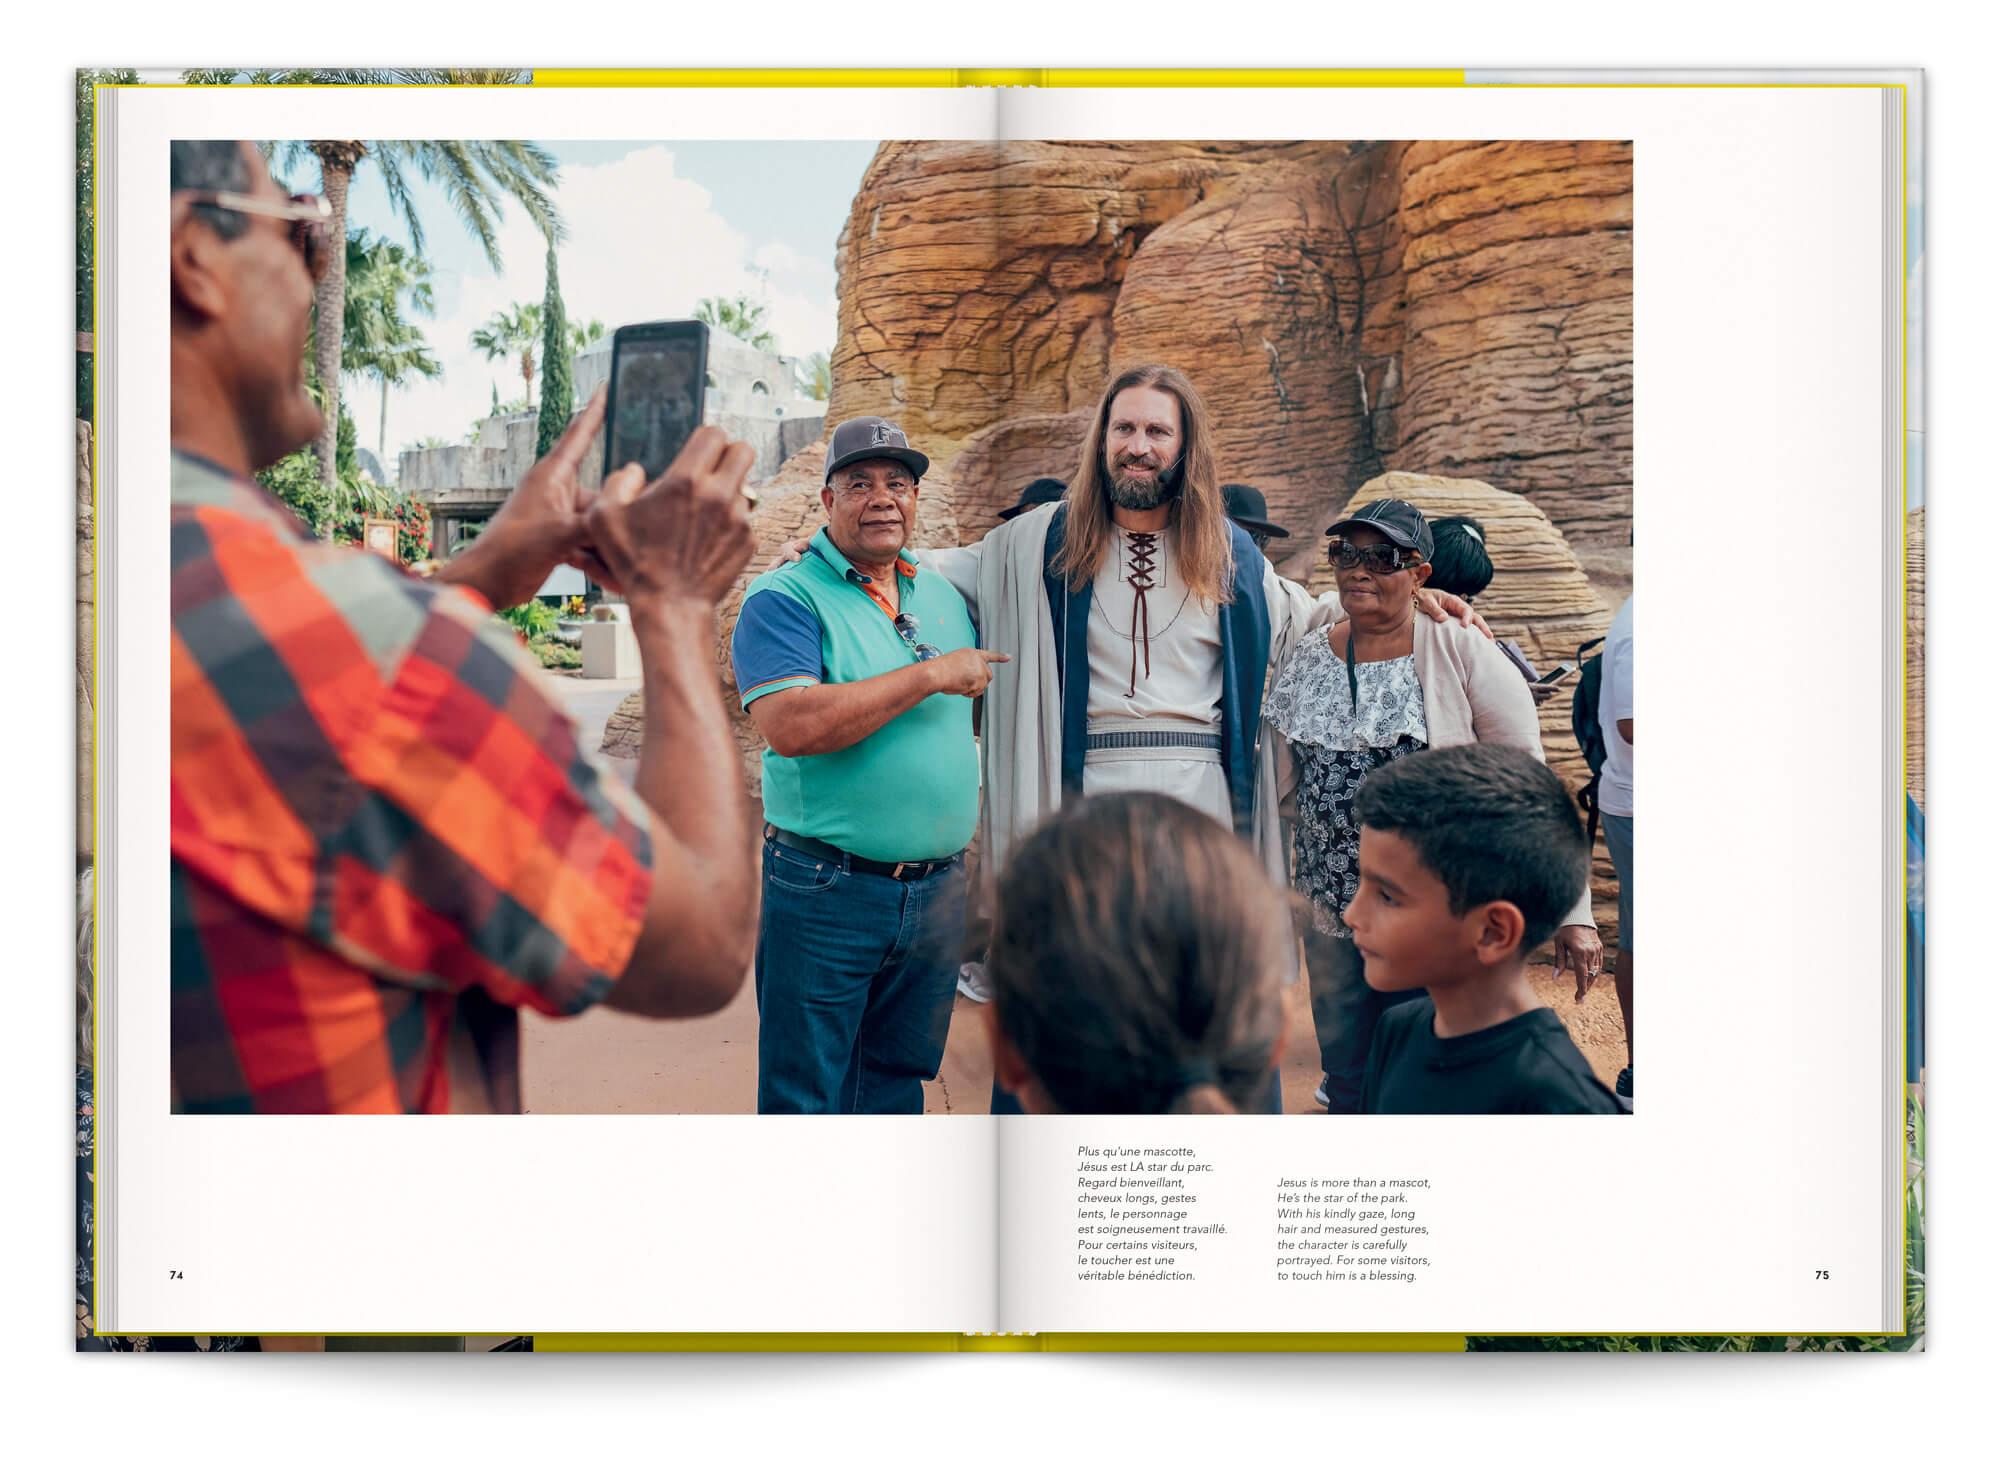 Cyril Abad photographie le parc d'attraction Holy Land, dédié a l'Ancien et Nouveau Testament, design IchetKar